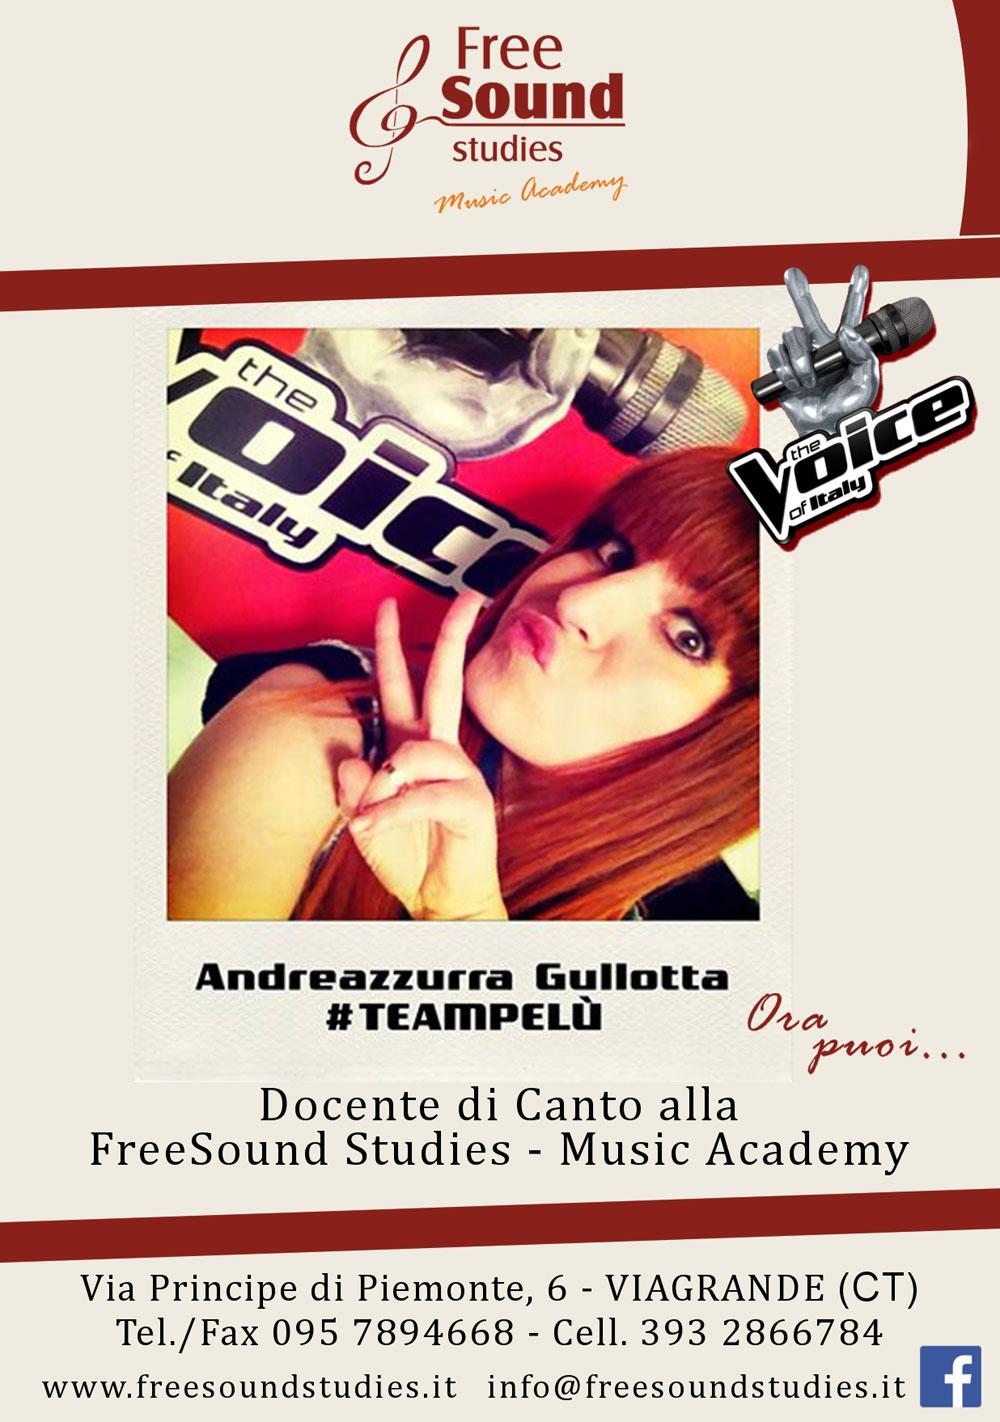 Andreazzura Gullotta